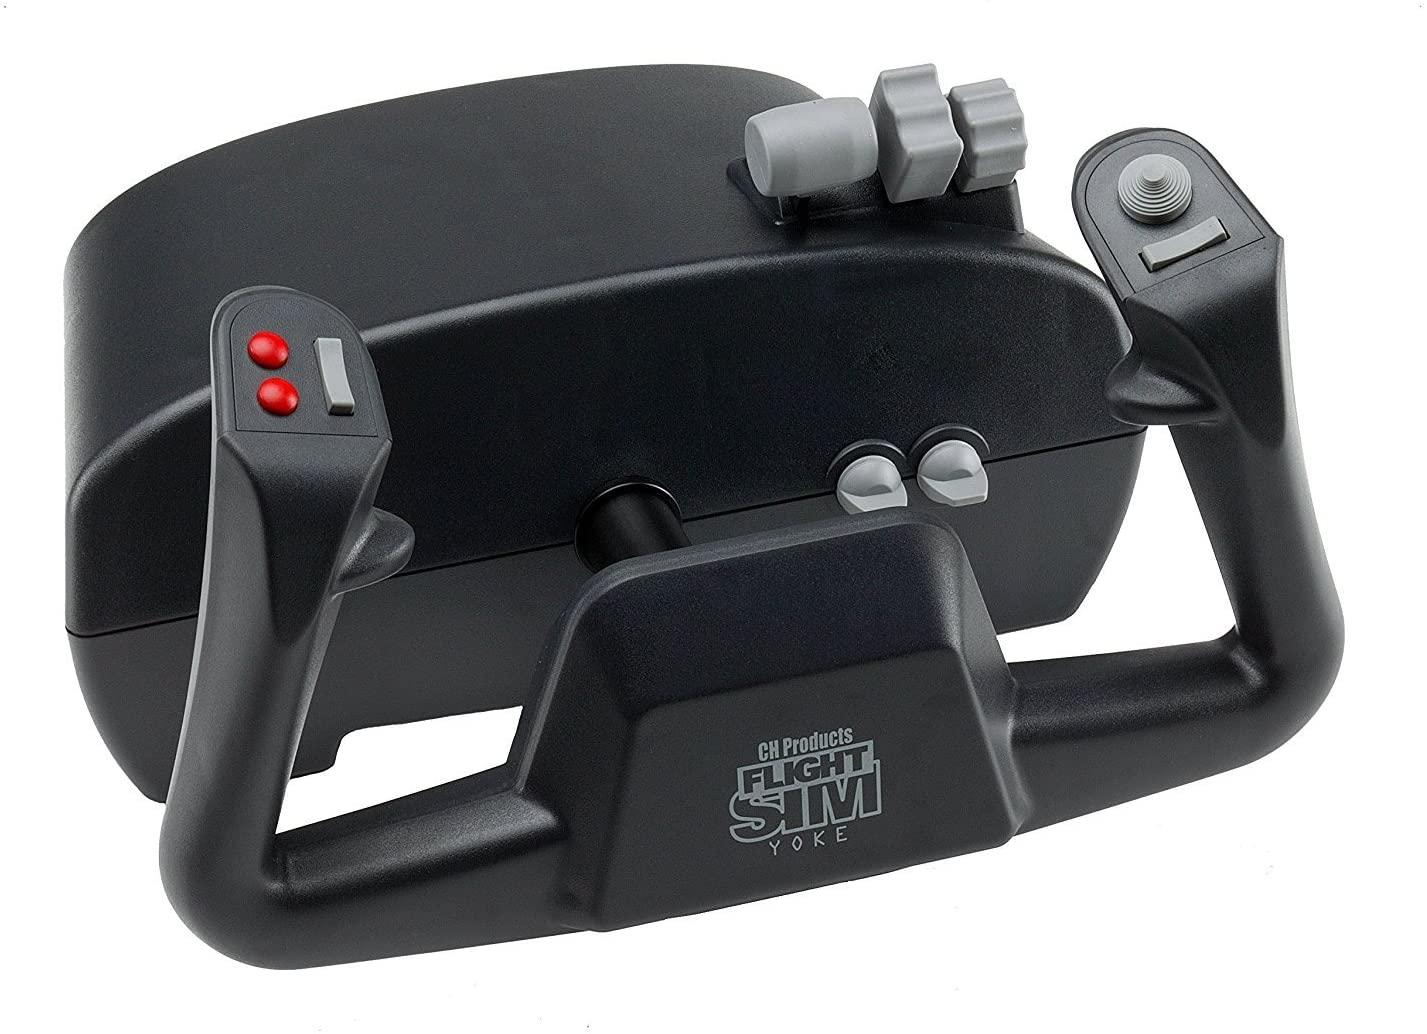 CH Products Flight Sim Yoke USB